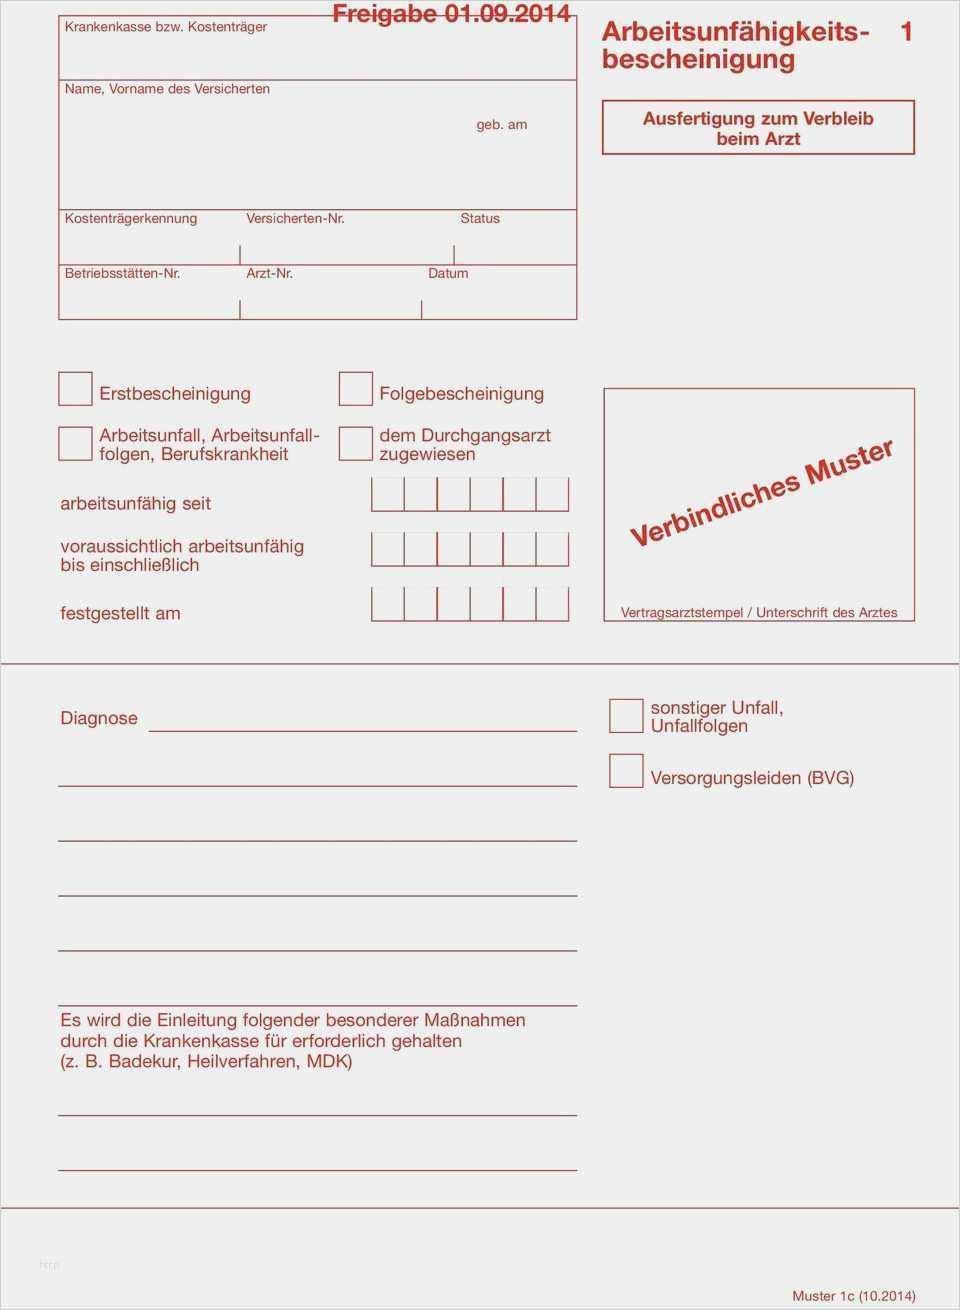 36 Best Of Arbeitsunfahigkeitsbescheinigung Zur Vorlage Bei Der Krankenkasse Modelle Vorlagen Geschenkgutschein Vorlage Zeugnis Vorlage